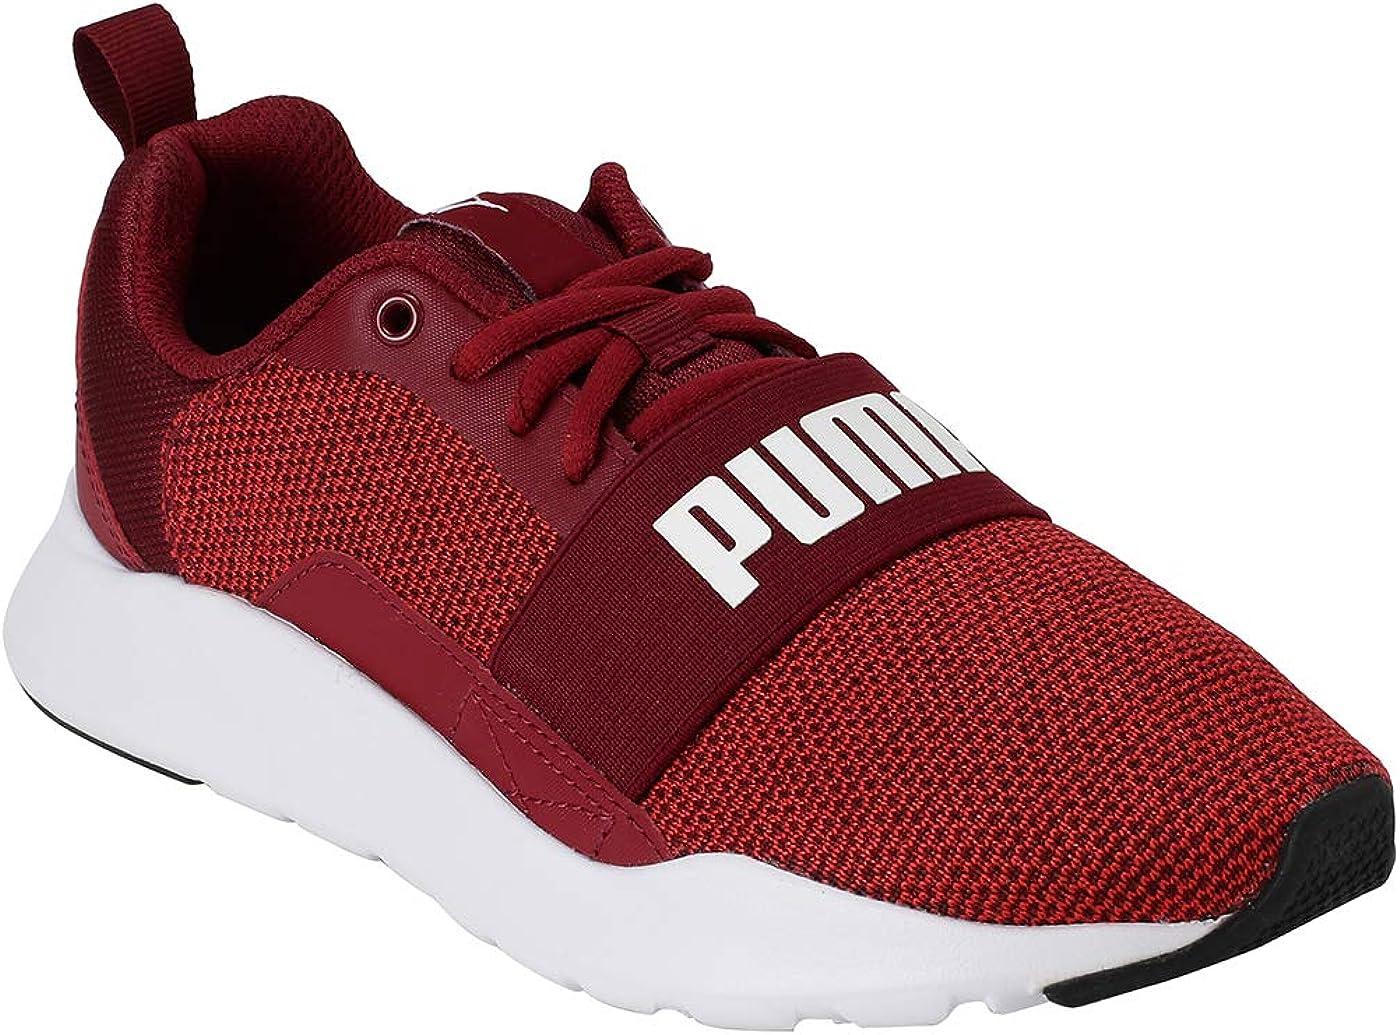 Puma Wired Knit- Zapatilla Casual para niños: Amazon.es: Zapatos y complementos